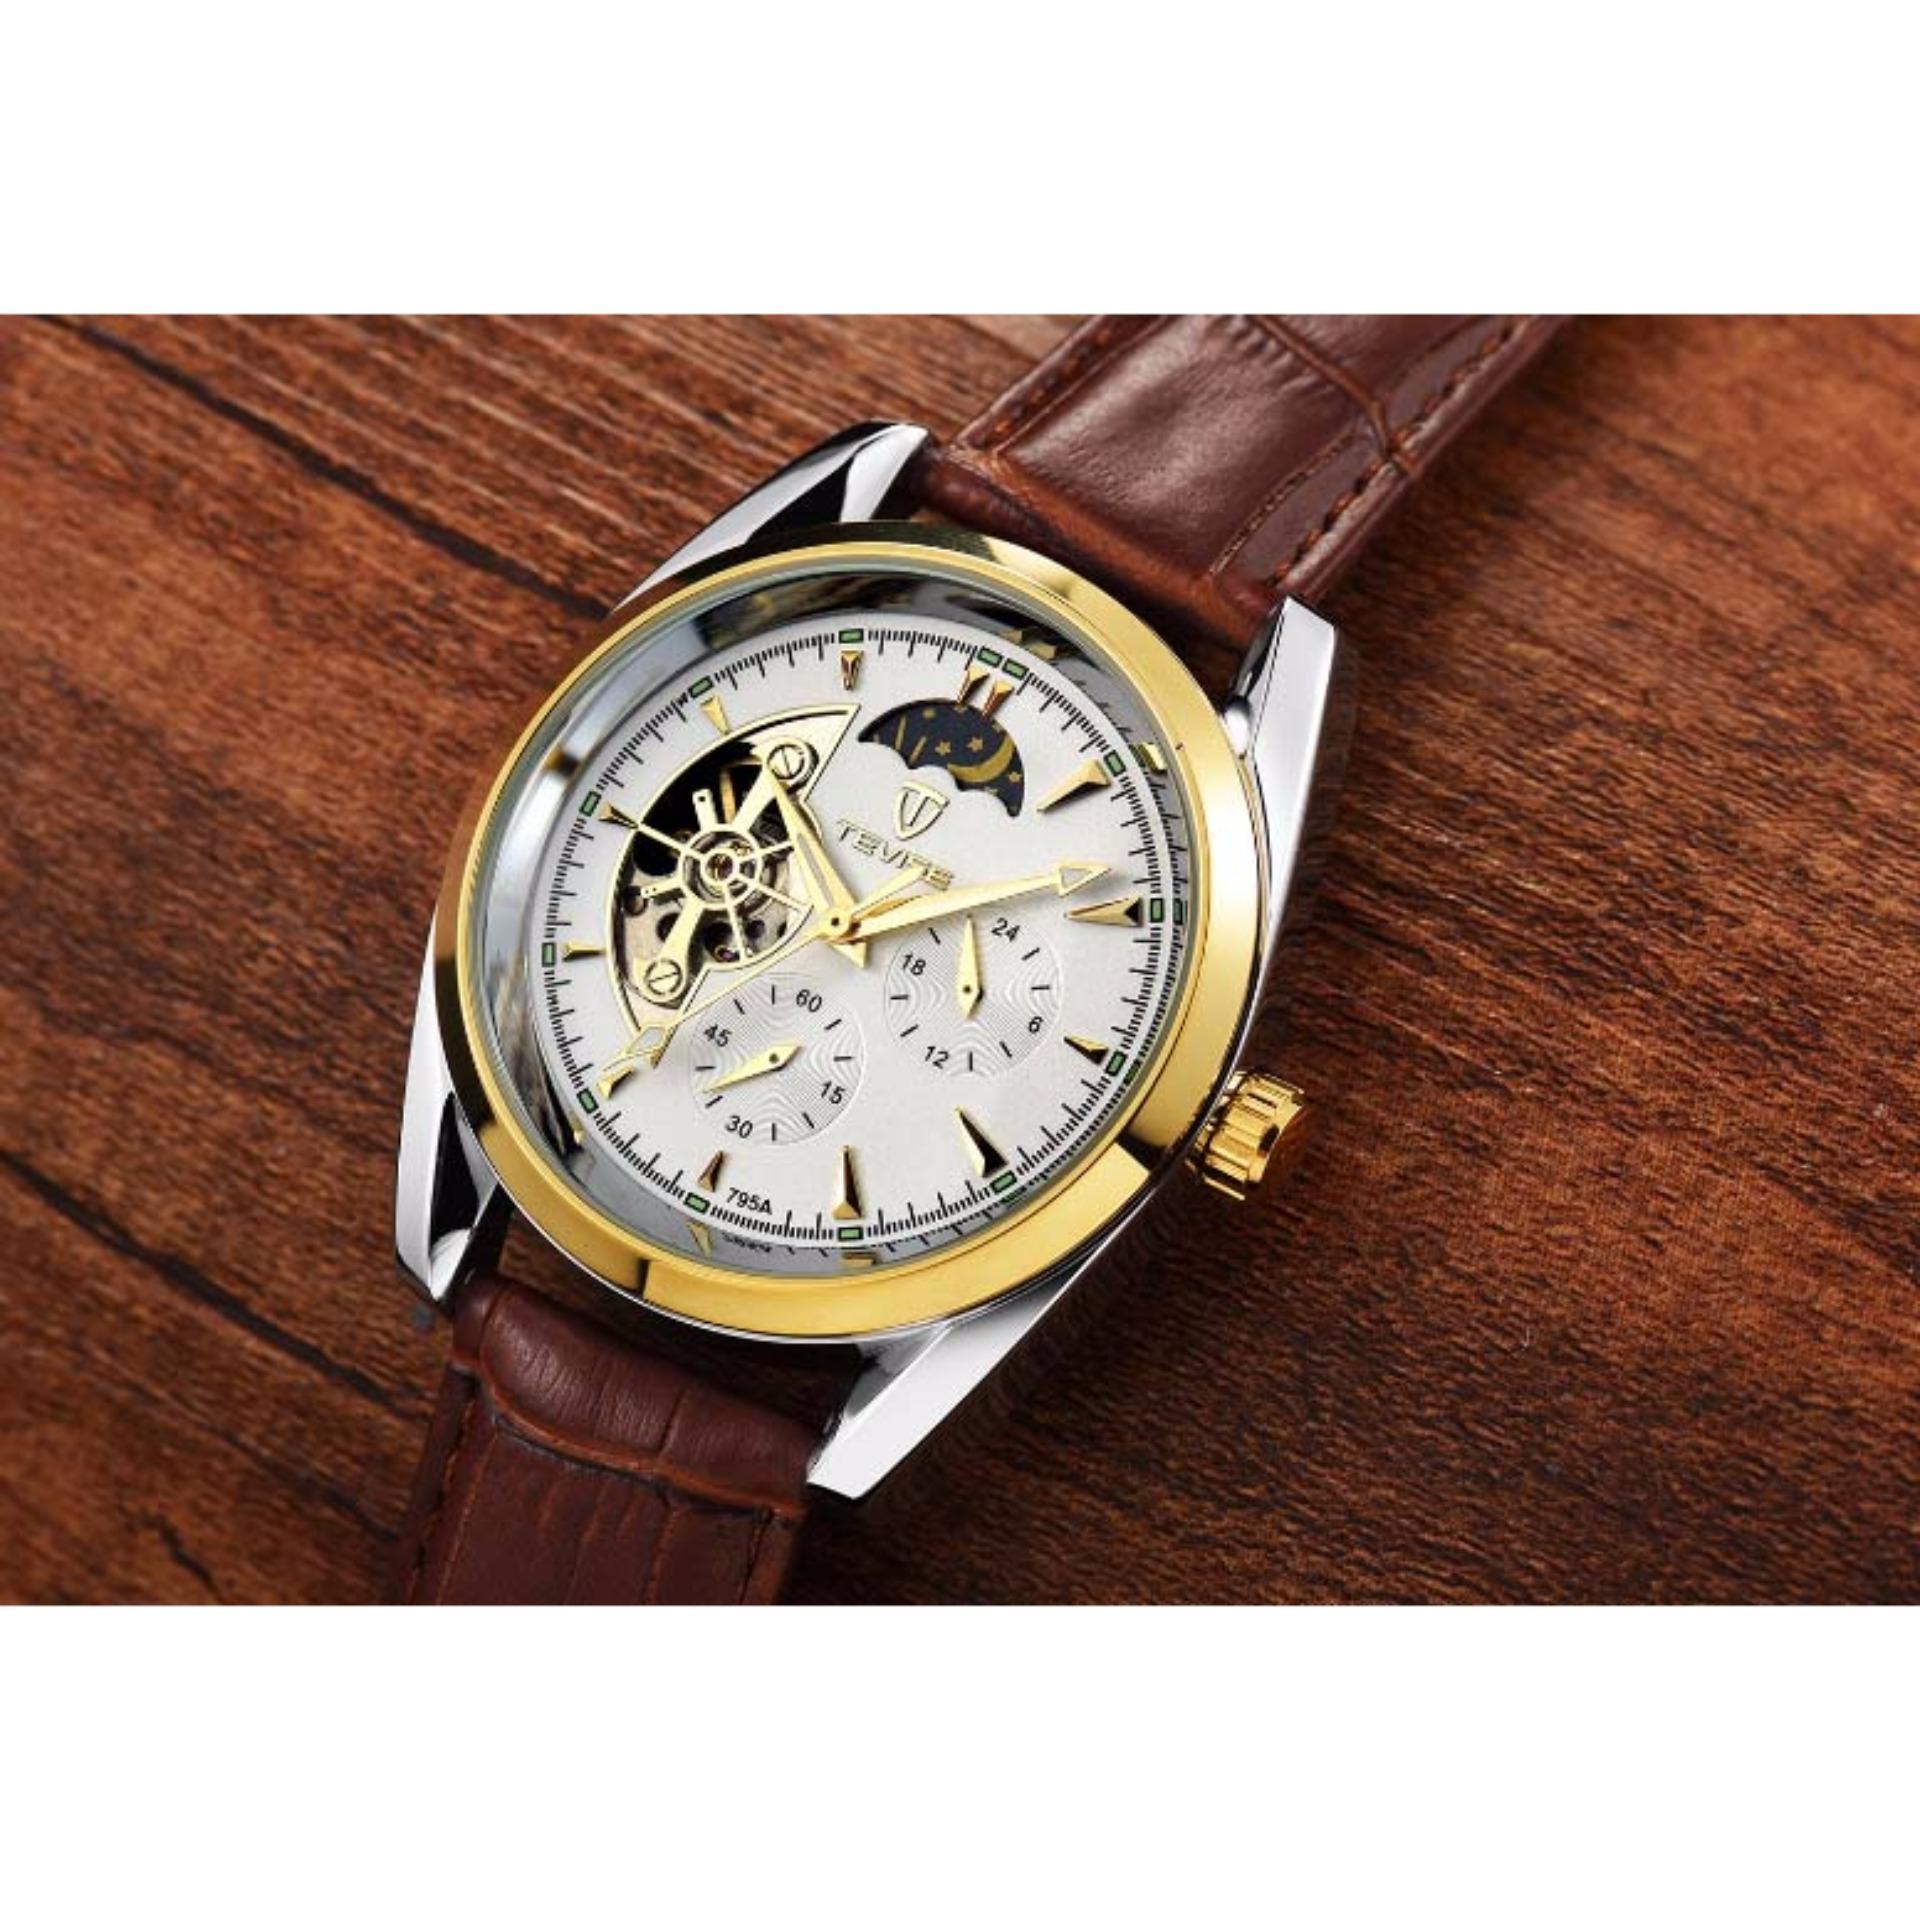 Đồng hồ nam Tevise 795A máy cơ dây da chạy full kim (Mặt trắng dây nâu)